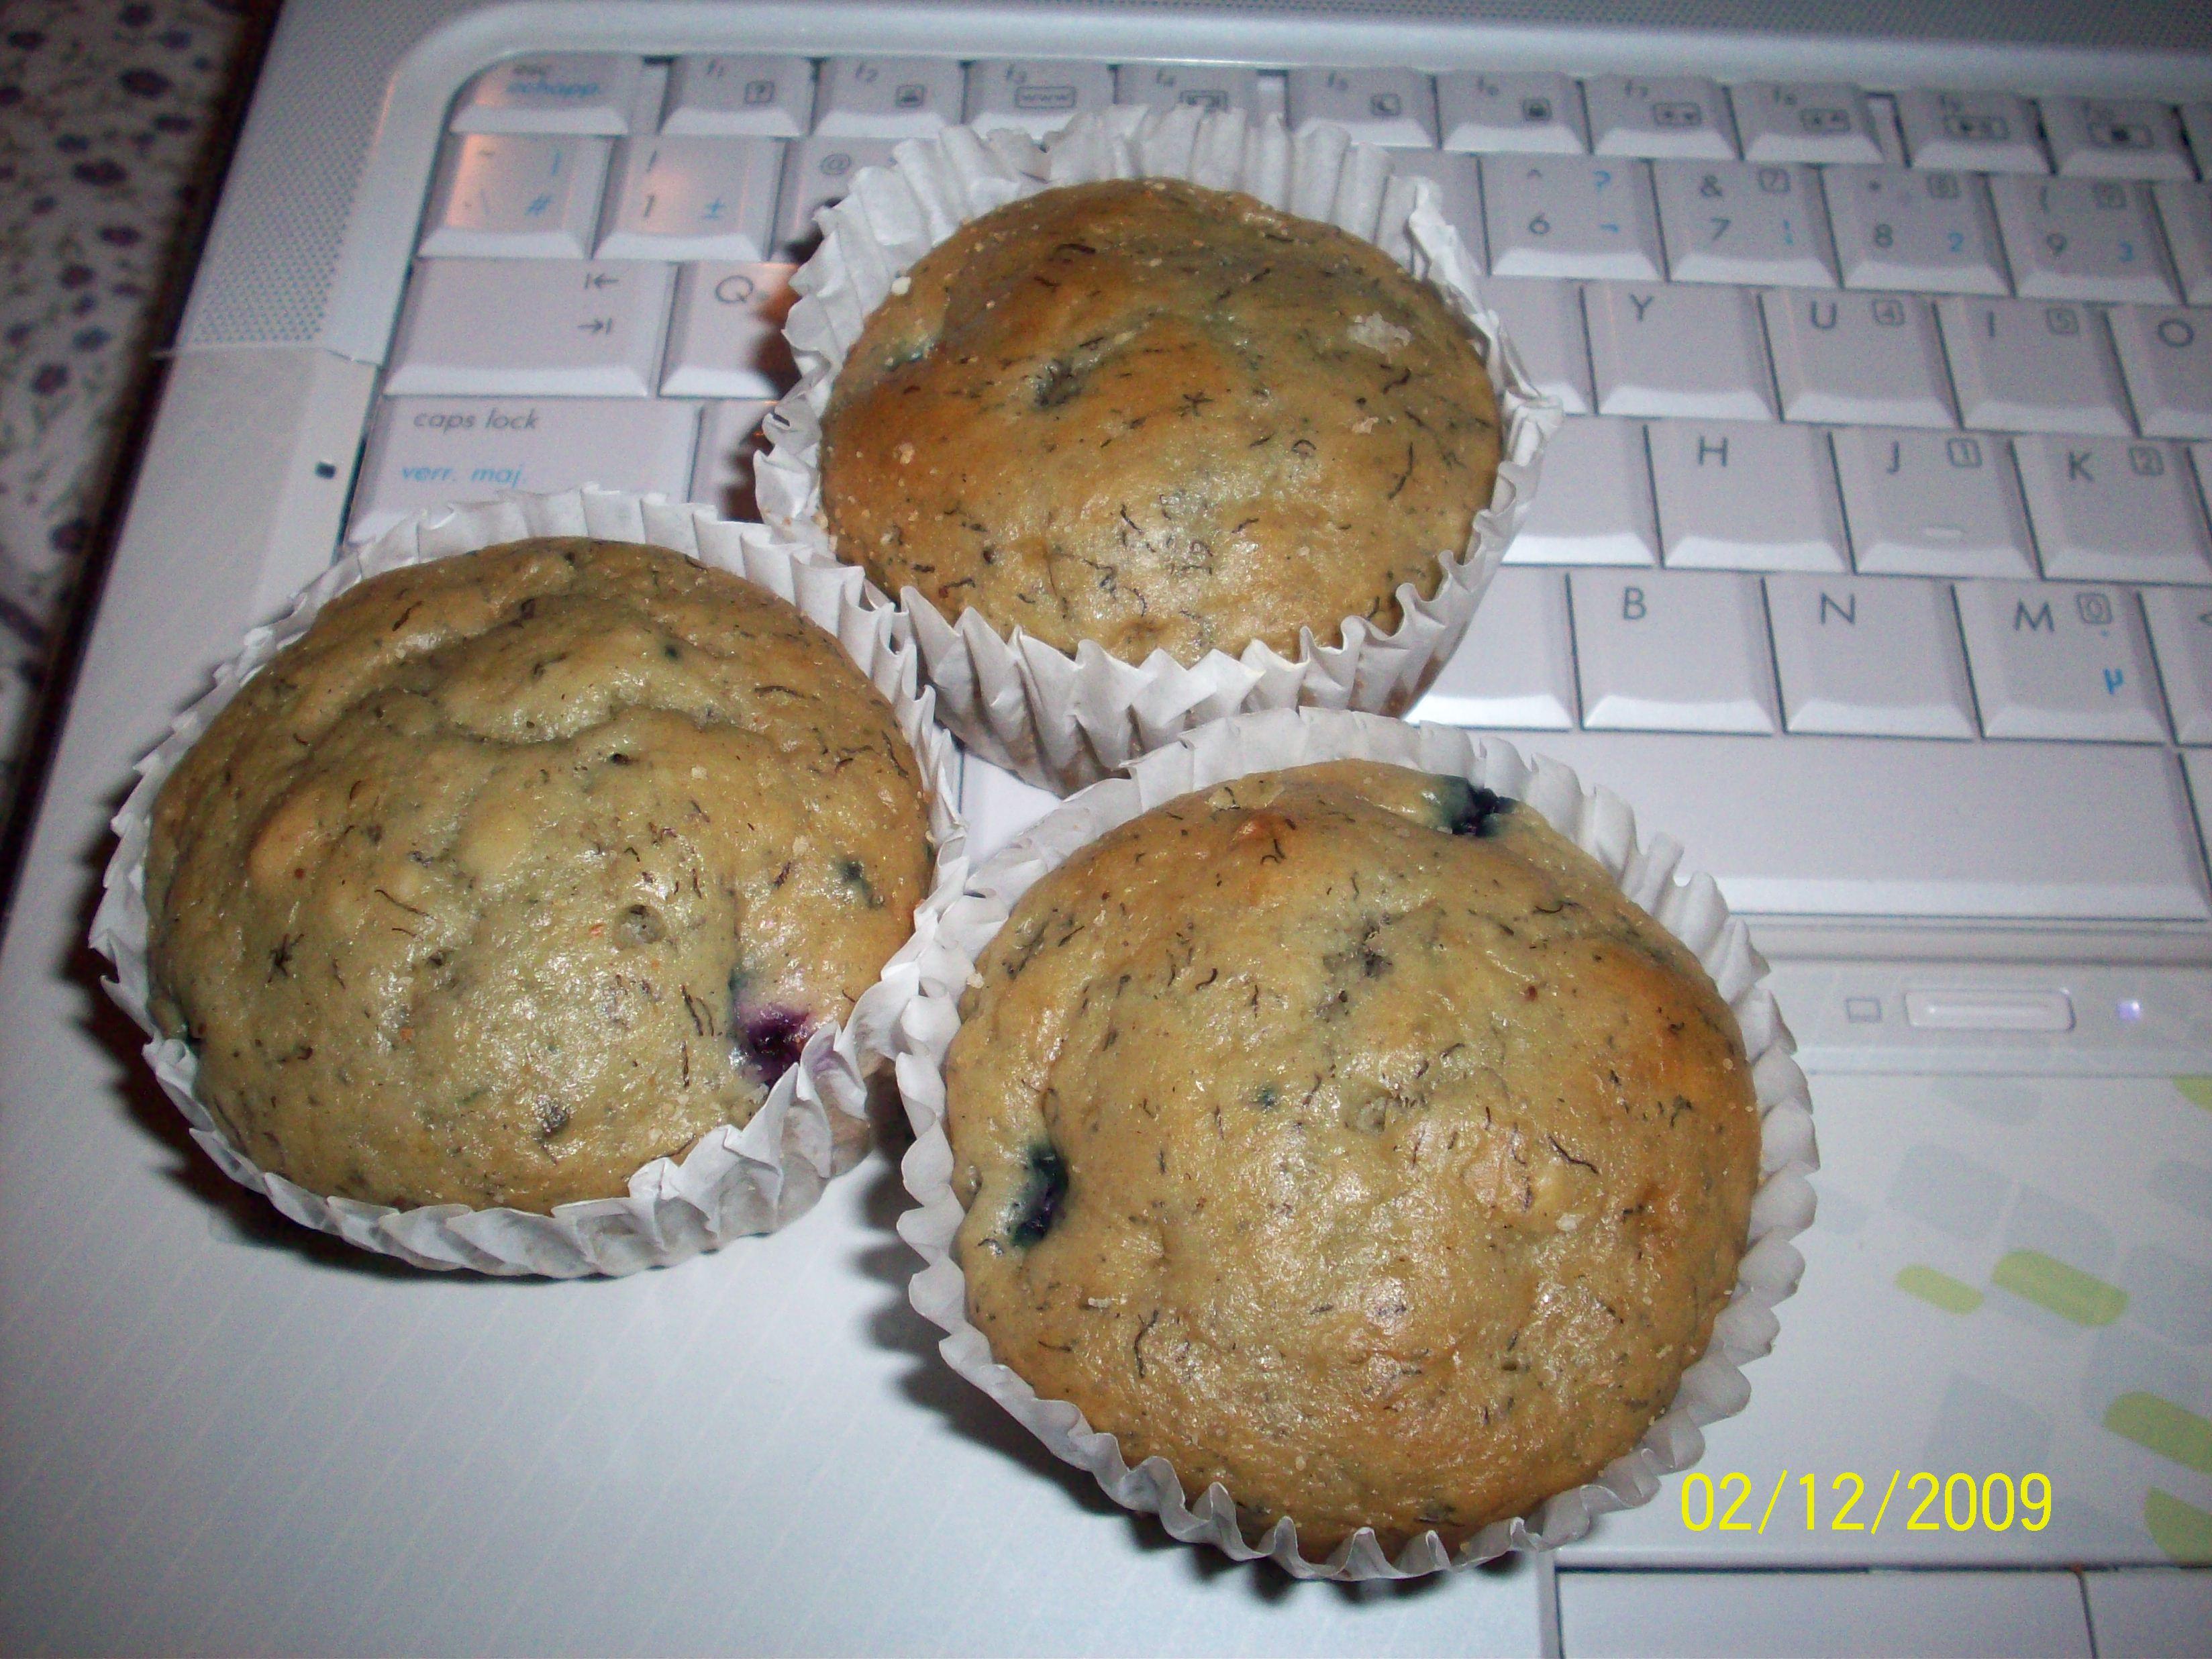 http://foodloader.net/cutie_2009-12-02_Banana_Blueberry_Cupcakes.jpg